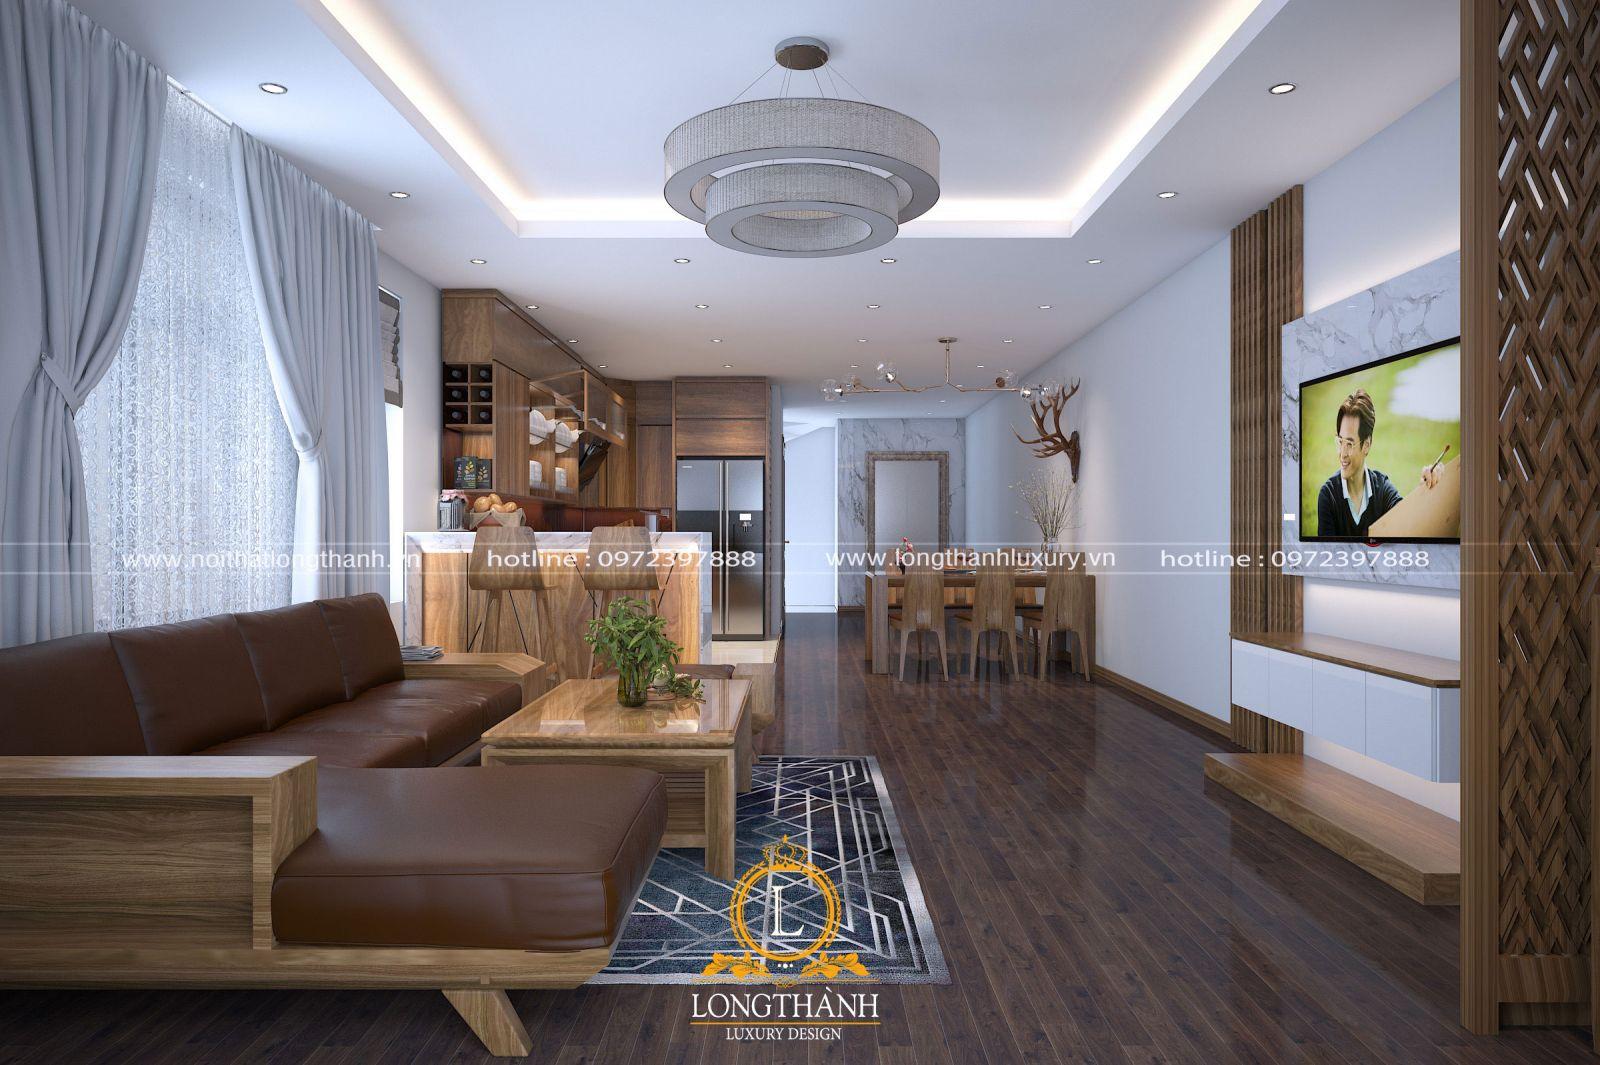 Mẫu thiết kế phòng khác nhà phố sử dụng chất liệu gỗ sồi tự nhiên